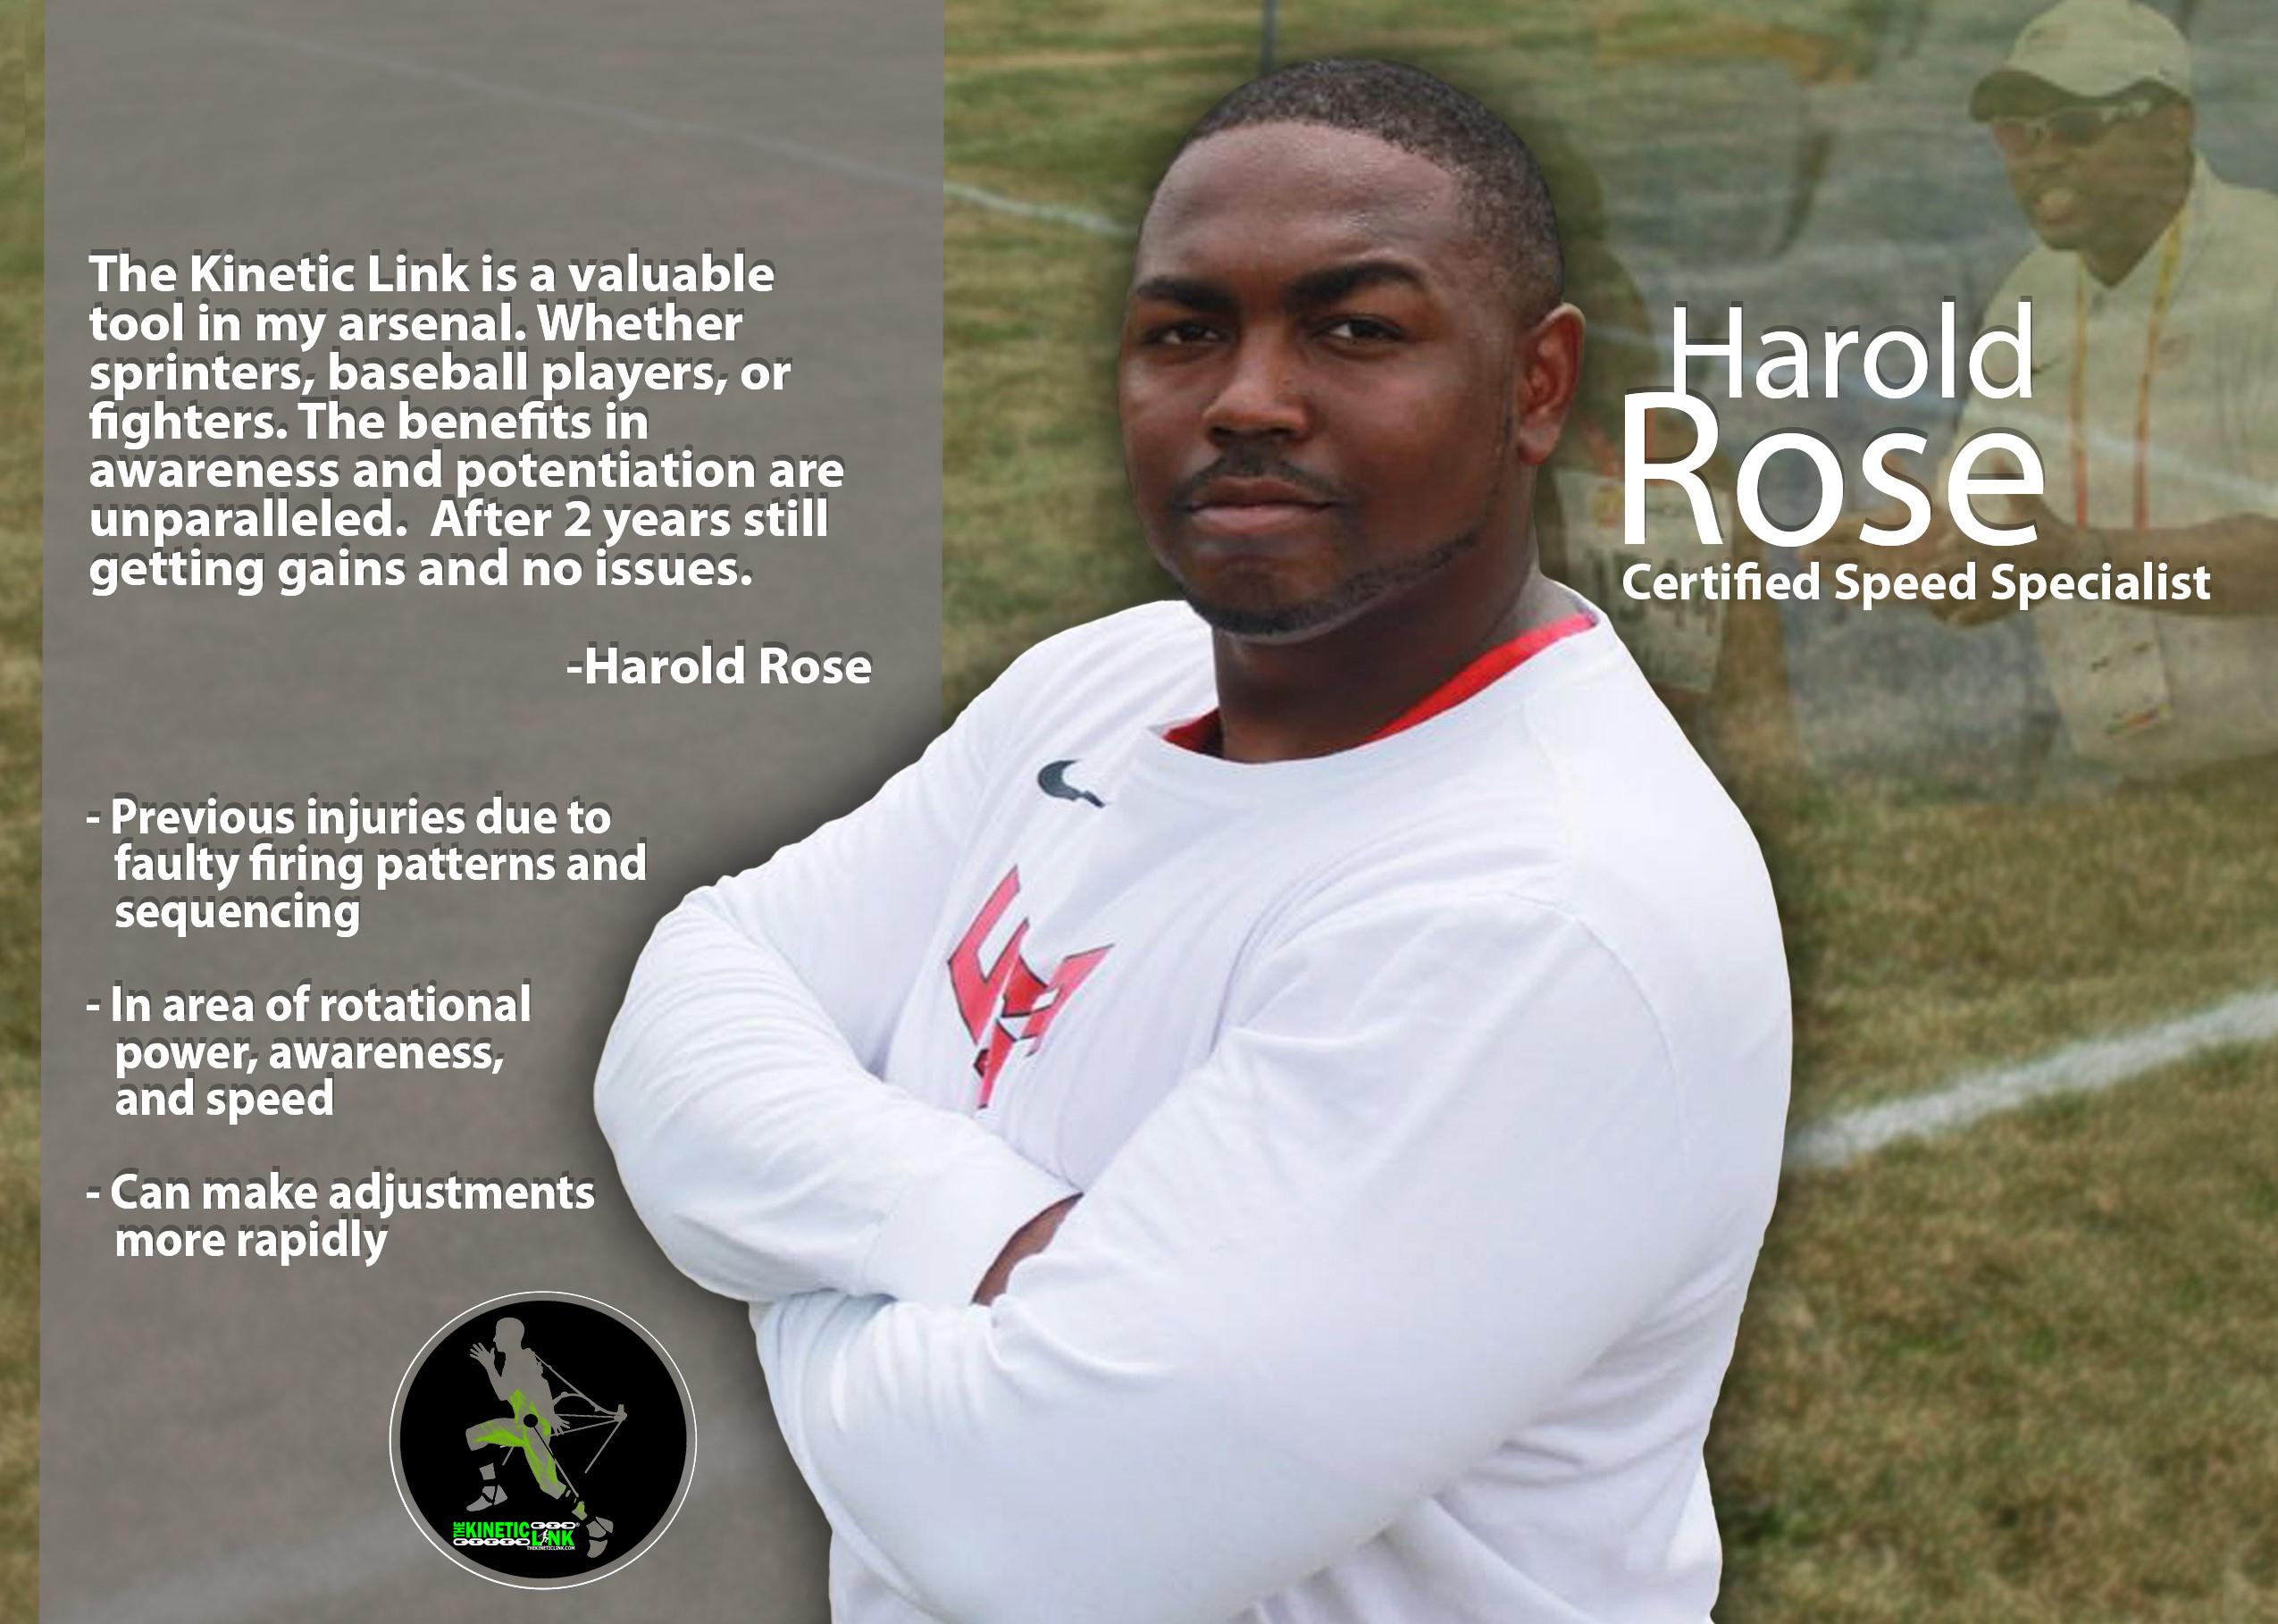 Harold Rose